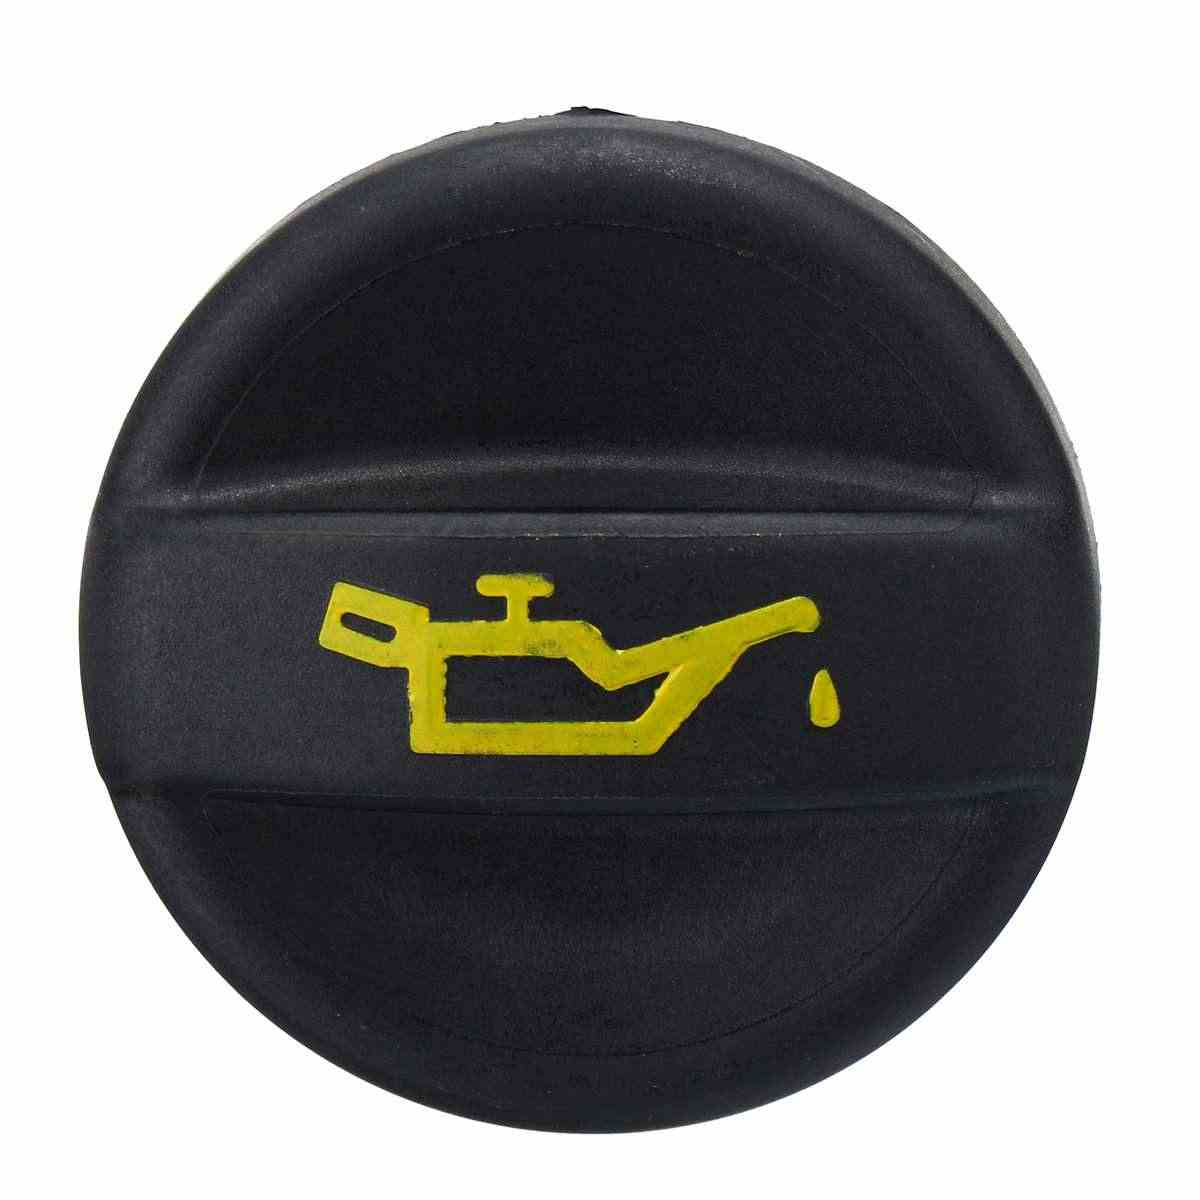 フォード/フォーカス/モンデオ/久我/C-MAX/MK4 1.4 1.6 2.0 2.2L 2003-2012 2011 2010 2009 2008 #1348368 # 3M5Q6766BC 空気燃料フィルターキャップ